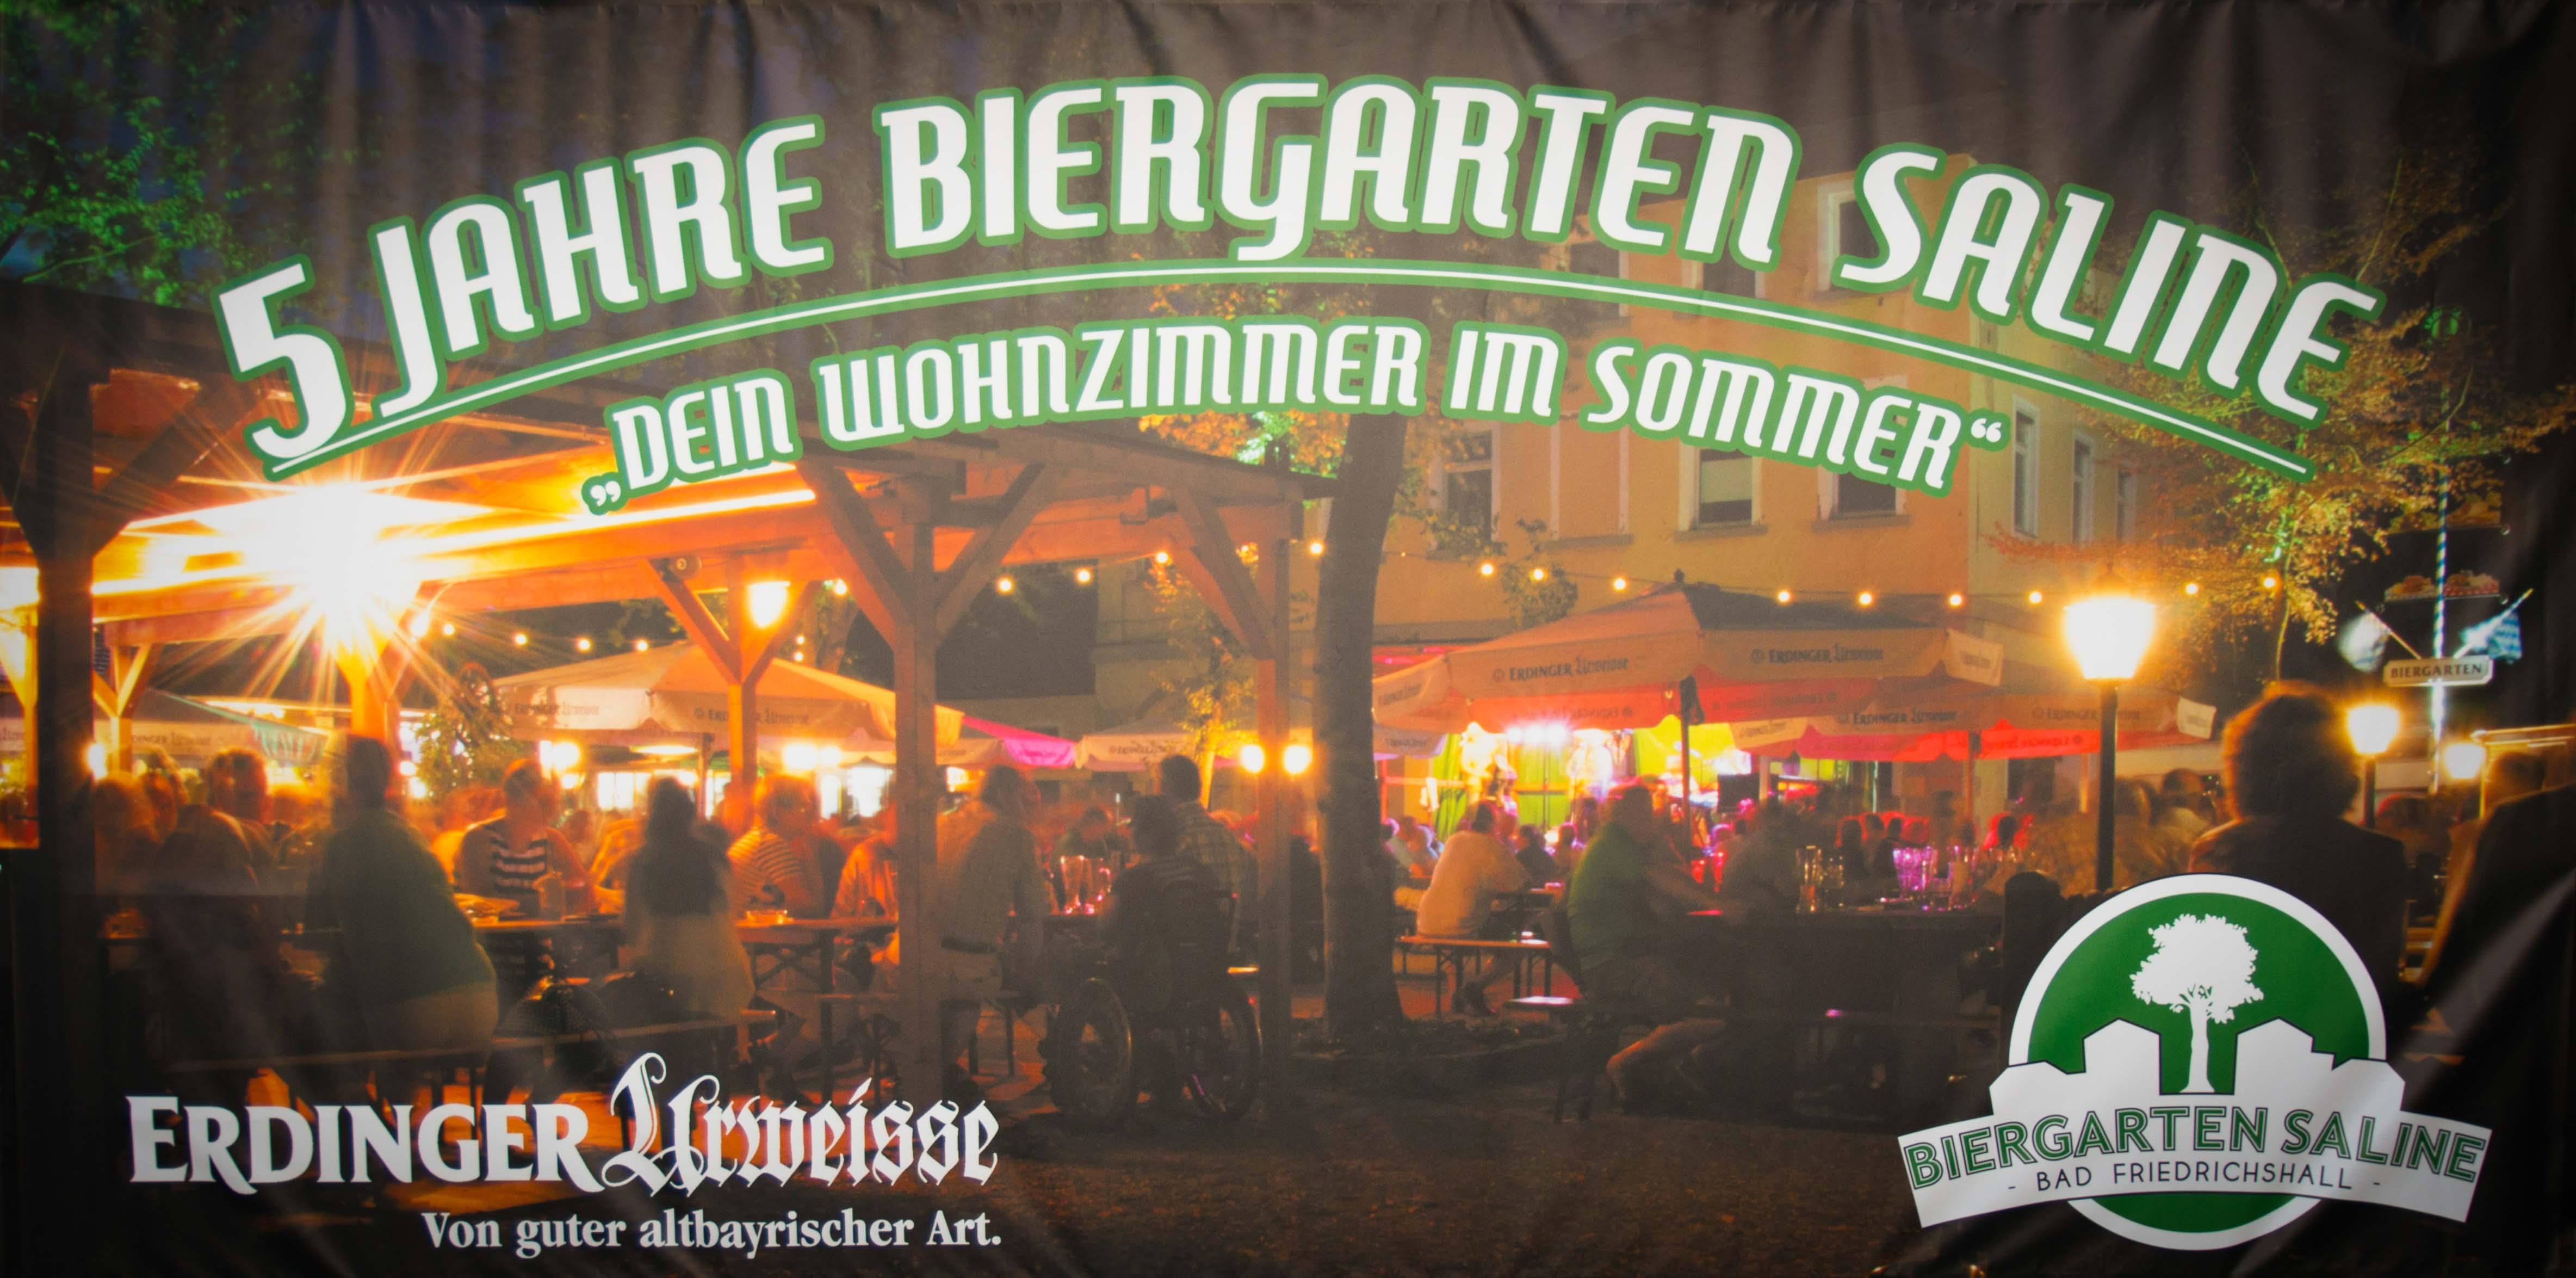 Biergarten Saline Biergarten Mit Lieferdienst In Bad Friedrichshall Bier Trinken Freunde Treffen